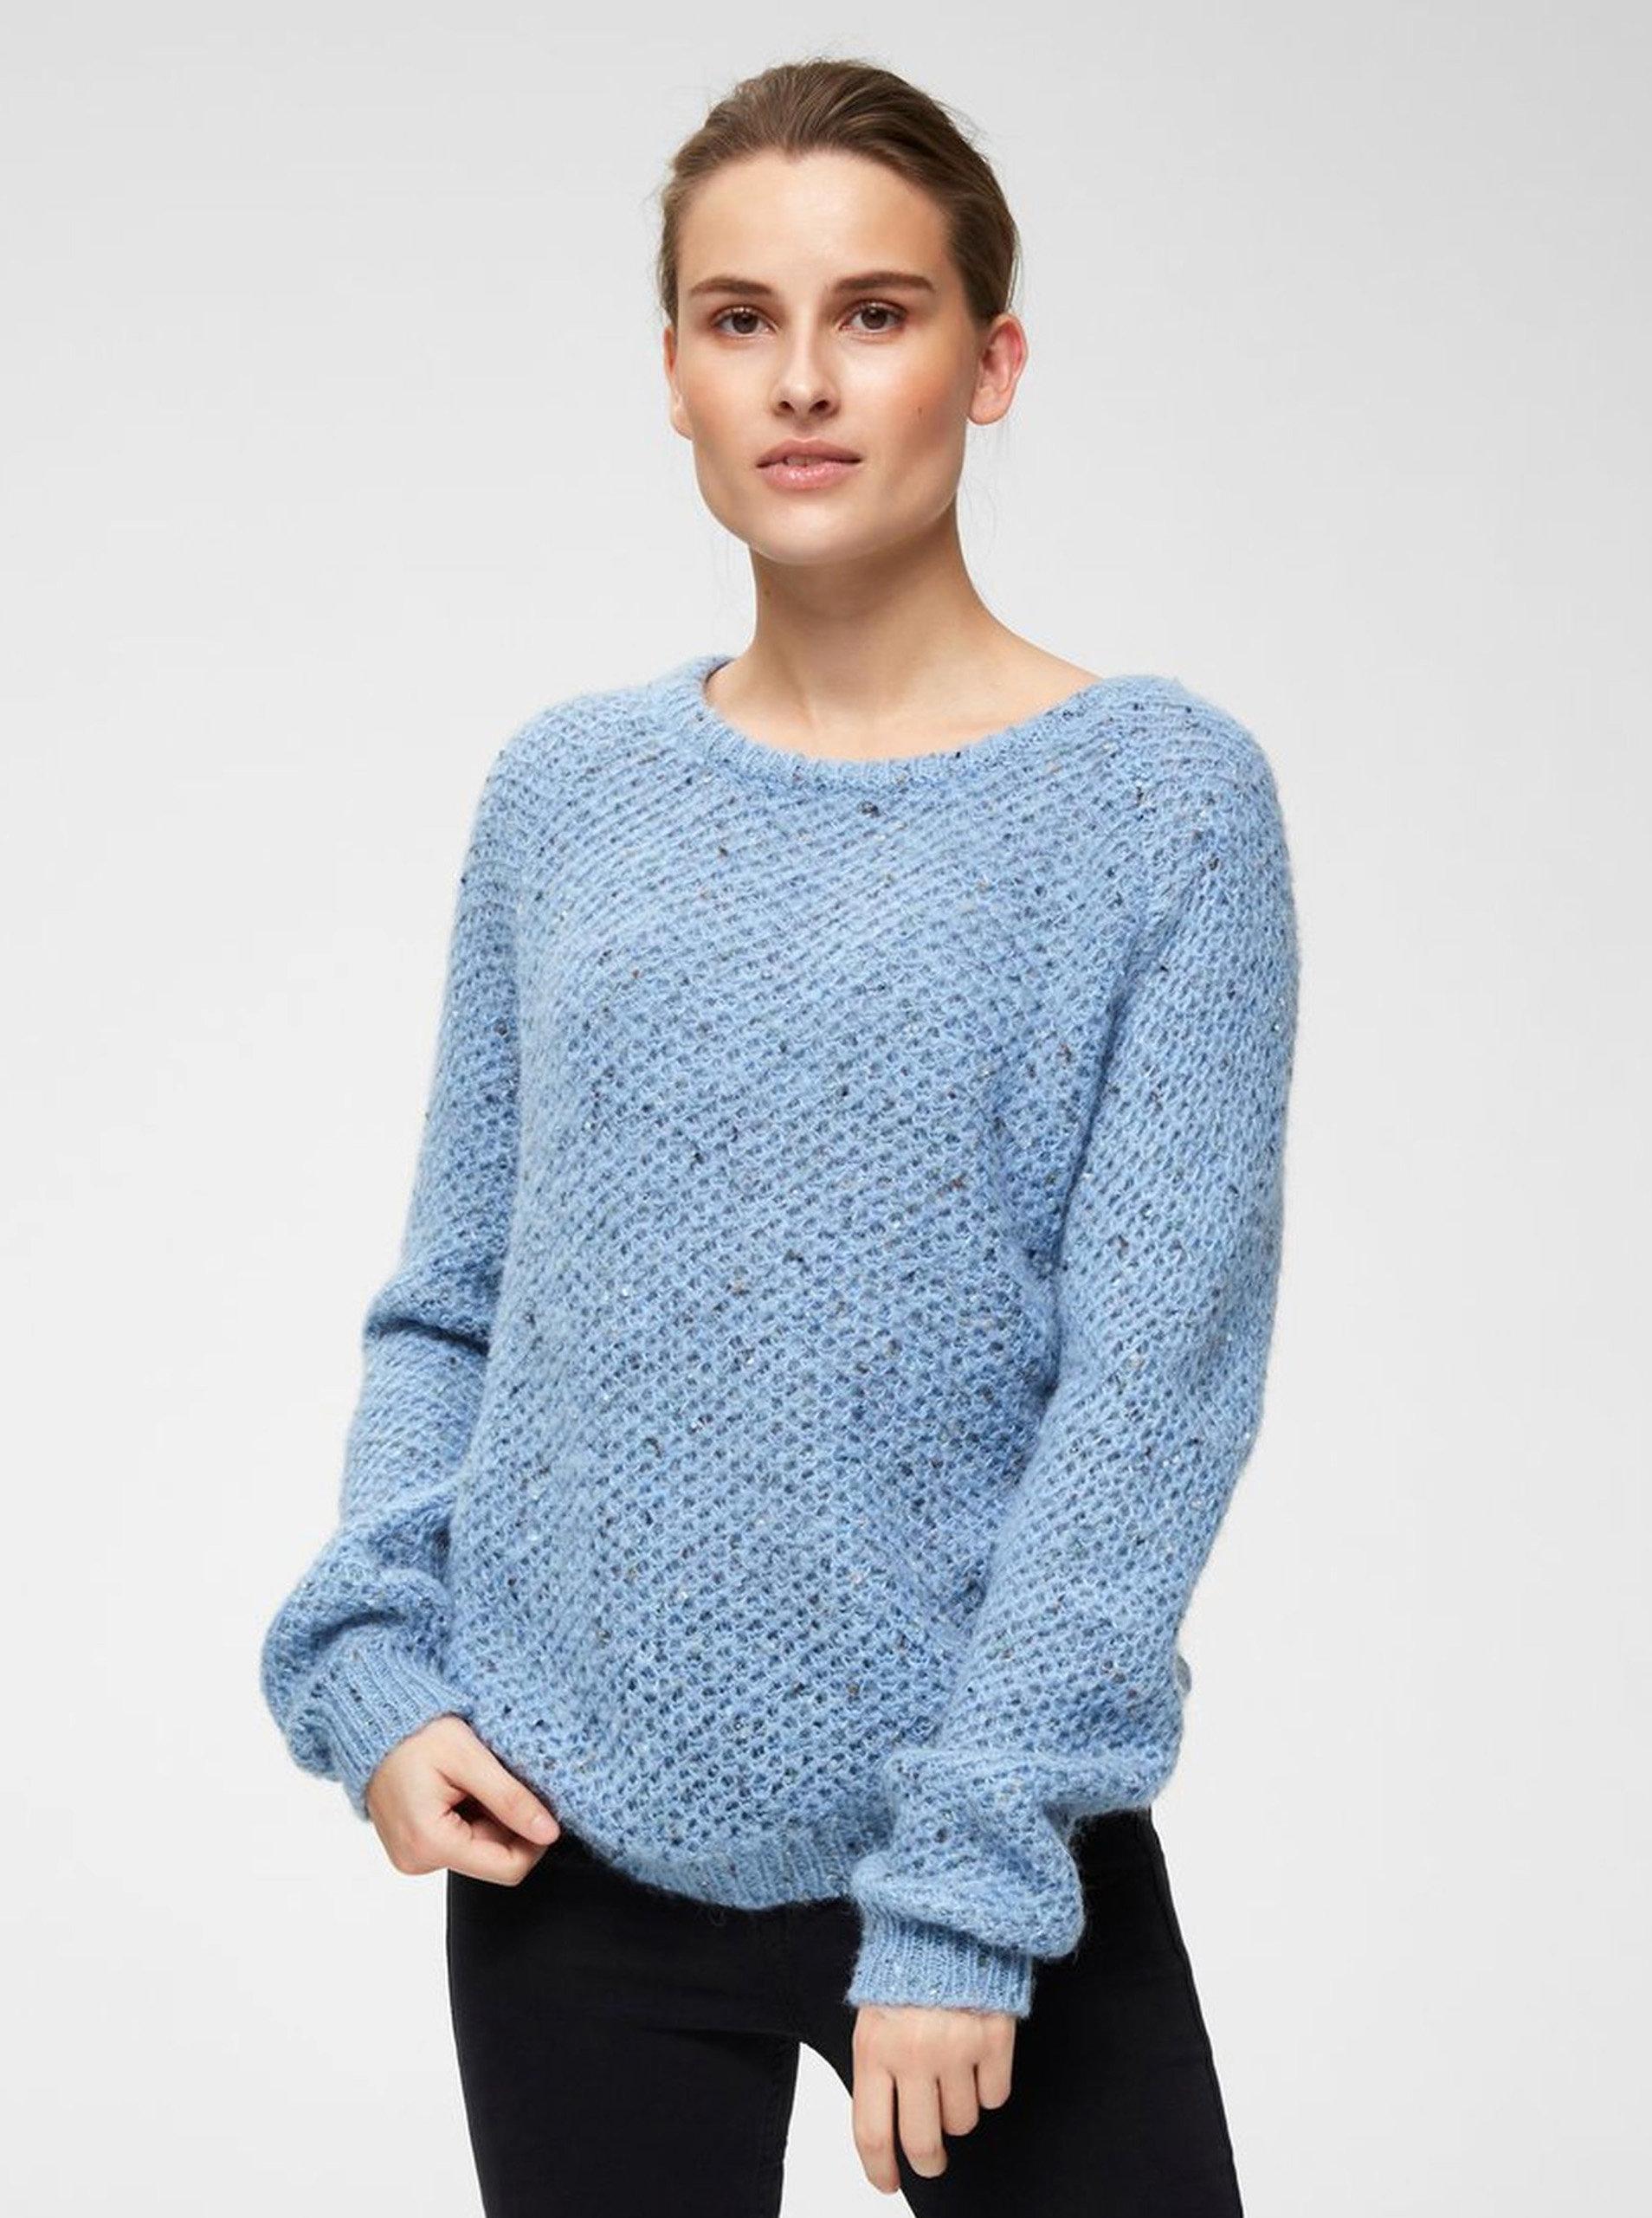 17abdcabcf0a Svetlomodrý melírovaný sveter s prímesou vlny Selected Femme Mallorca ...